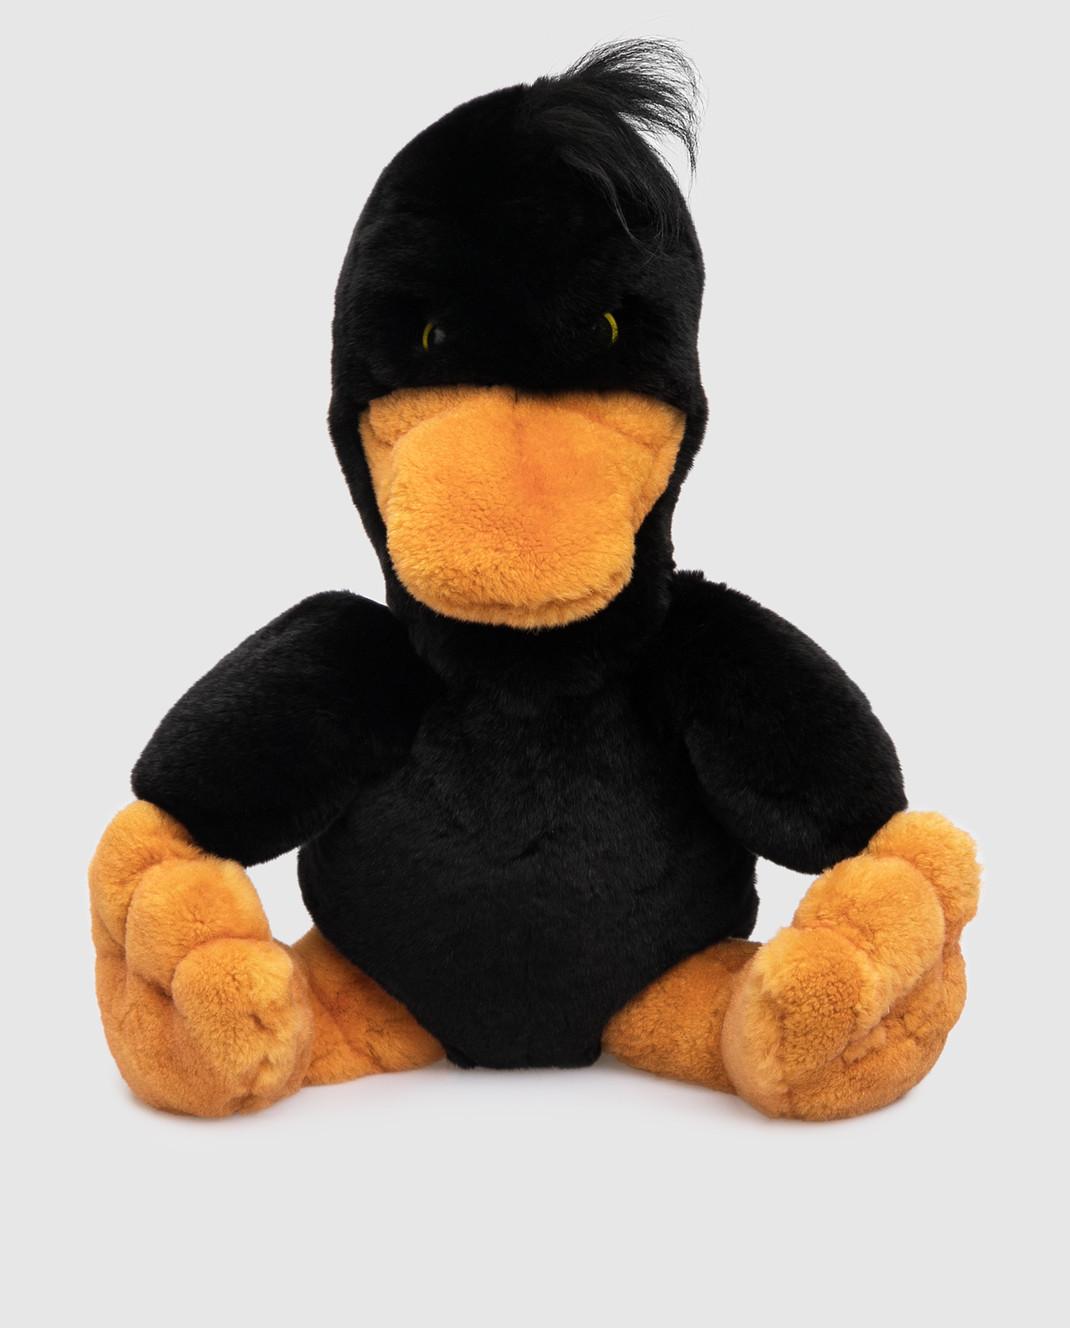 Real Furs House Детская черная игрушка утка изображение 1